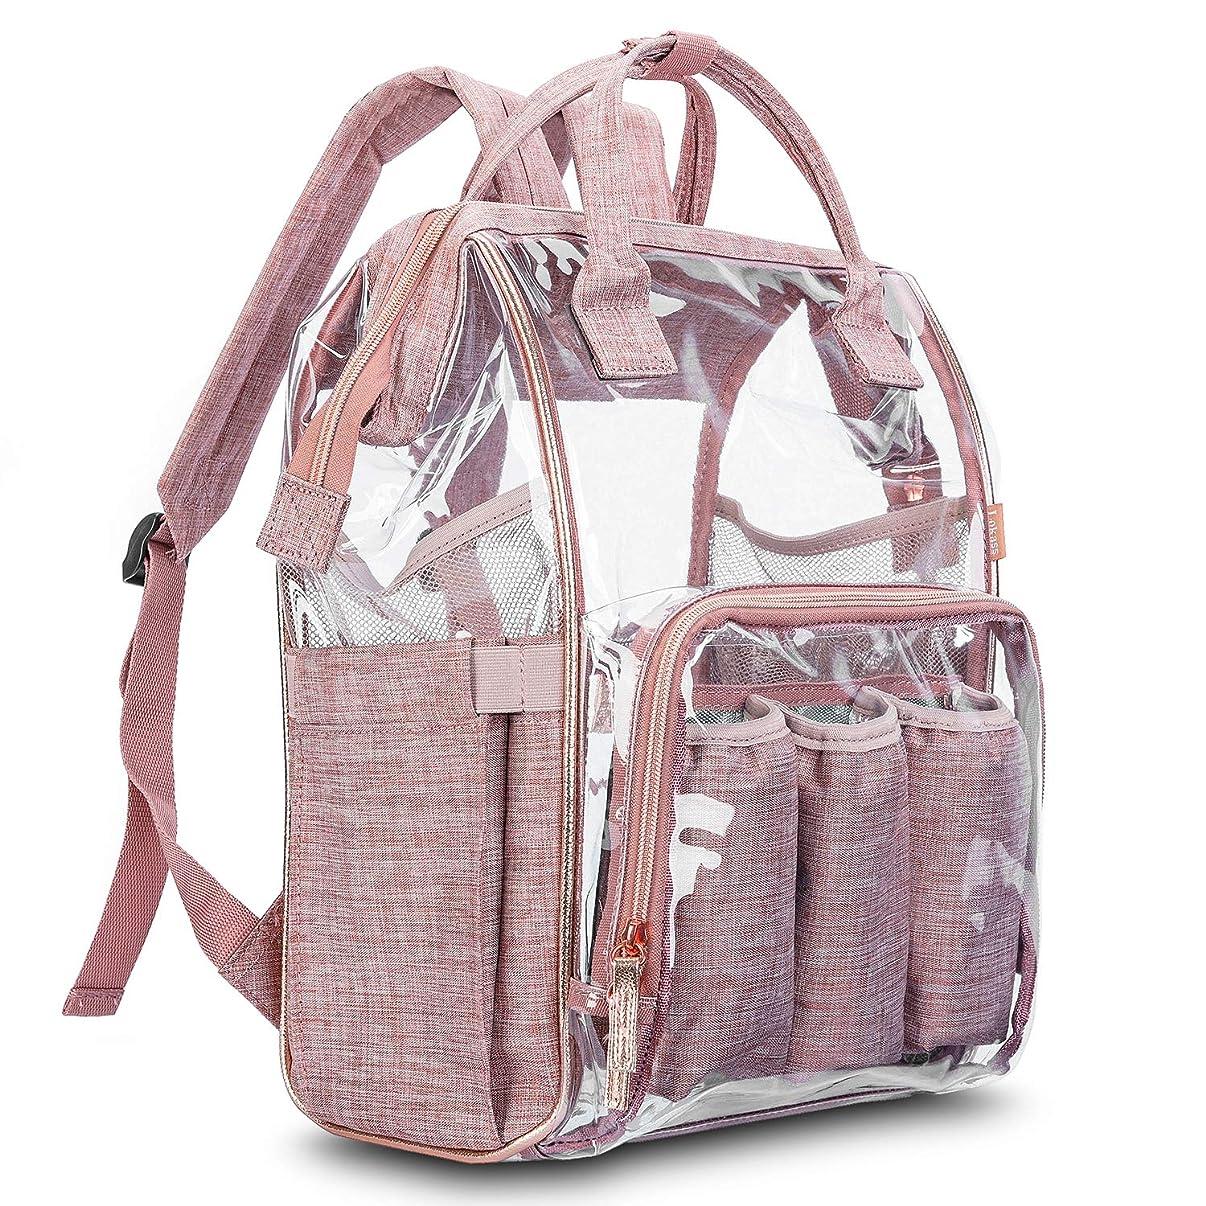 LOKASS Clear Backpack Transparent Multi-Pockets Backpacks/Outdoor Backpack Fit 15.6 Inch Laptop Safety Travel Rucksack with Rose Gold Trim-Adjustable Straps & Mesh Side(Rose Gold)